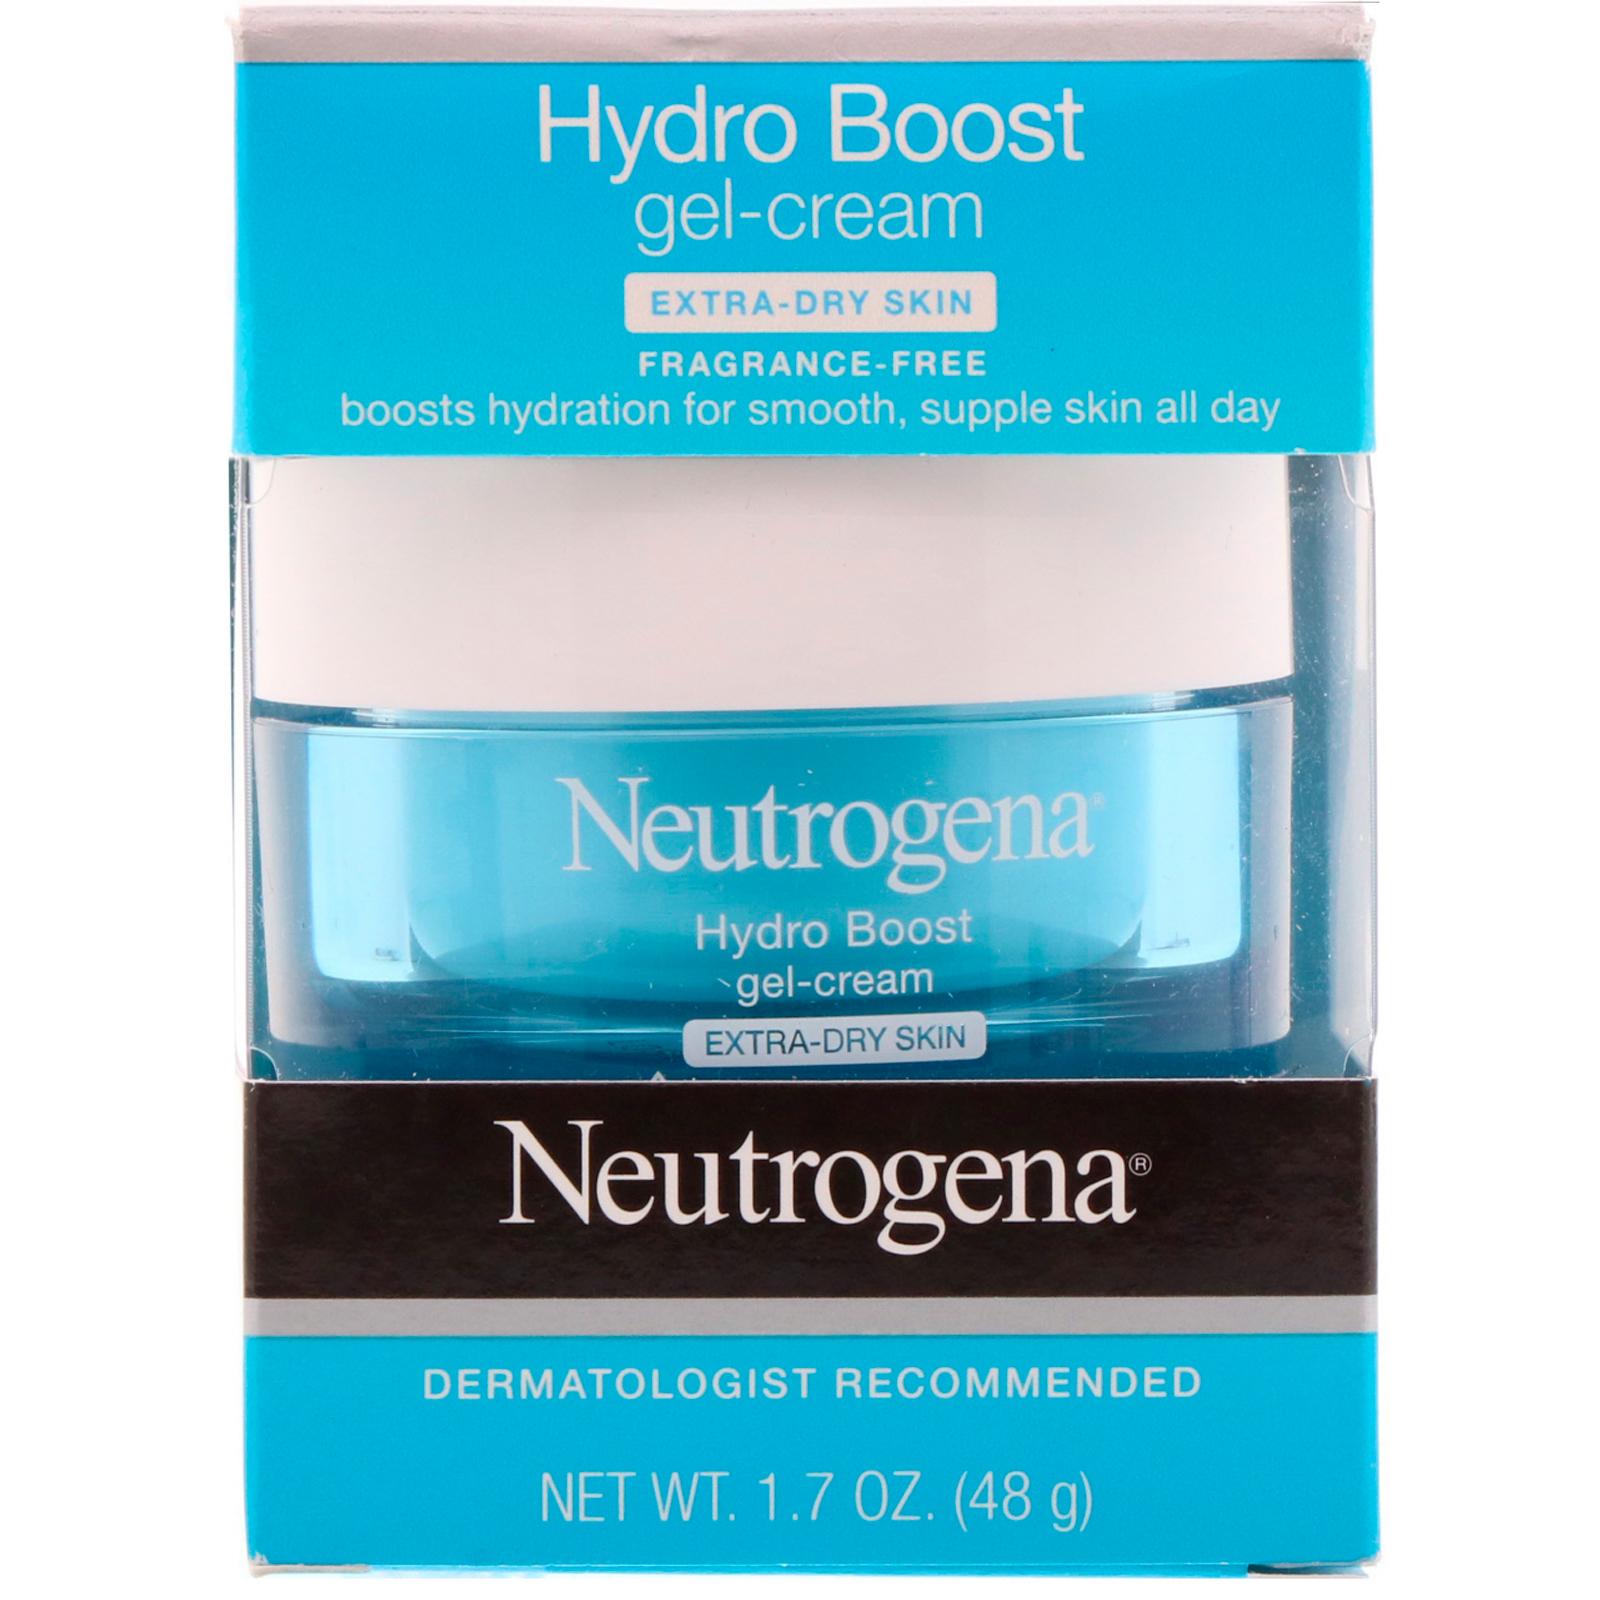 Hydro Boost Gel-Cream by Neutrogena #6